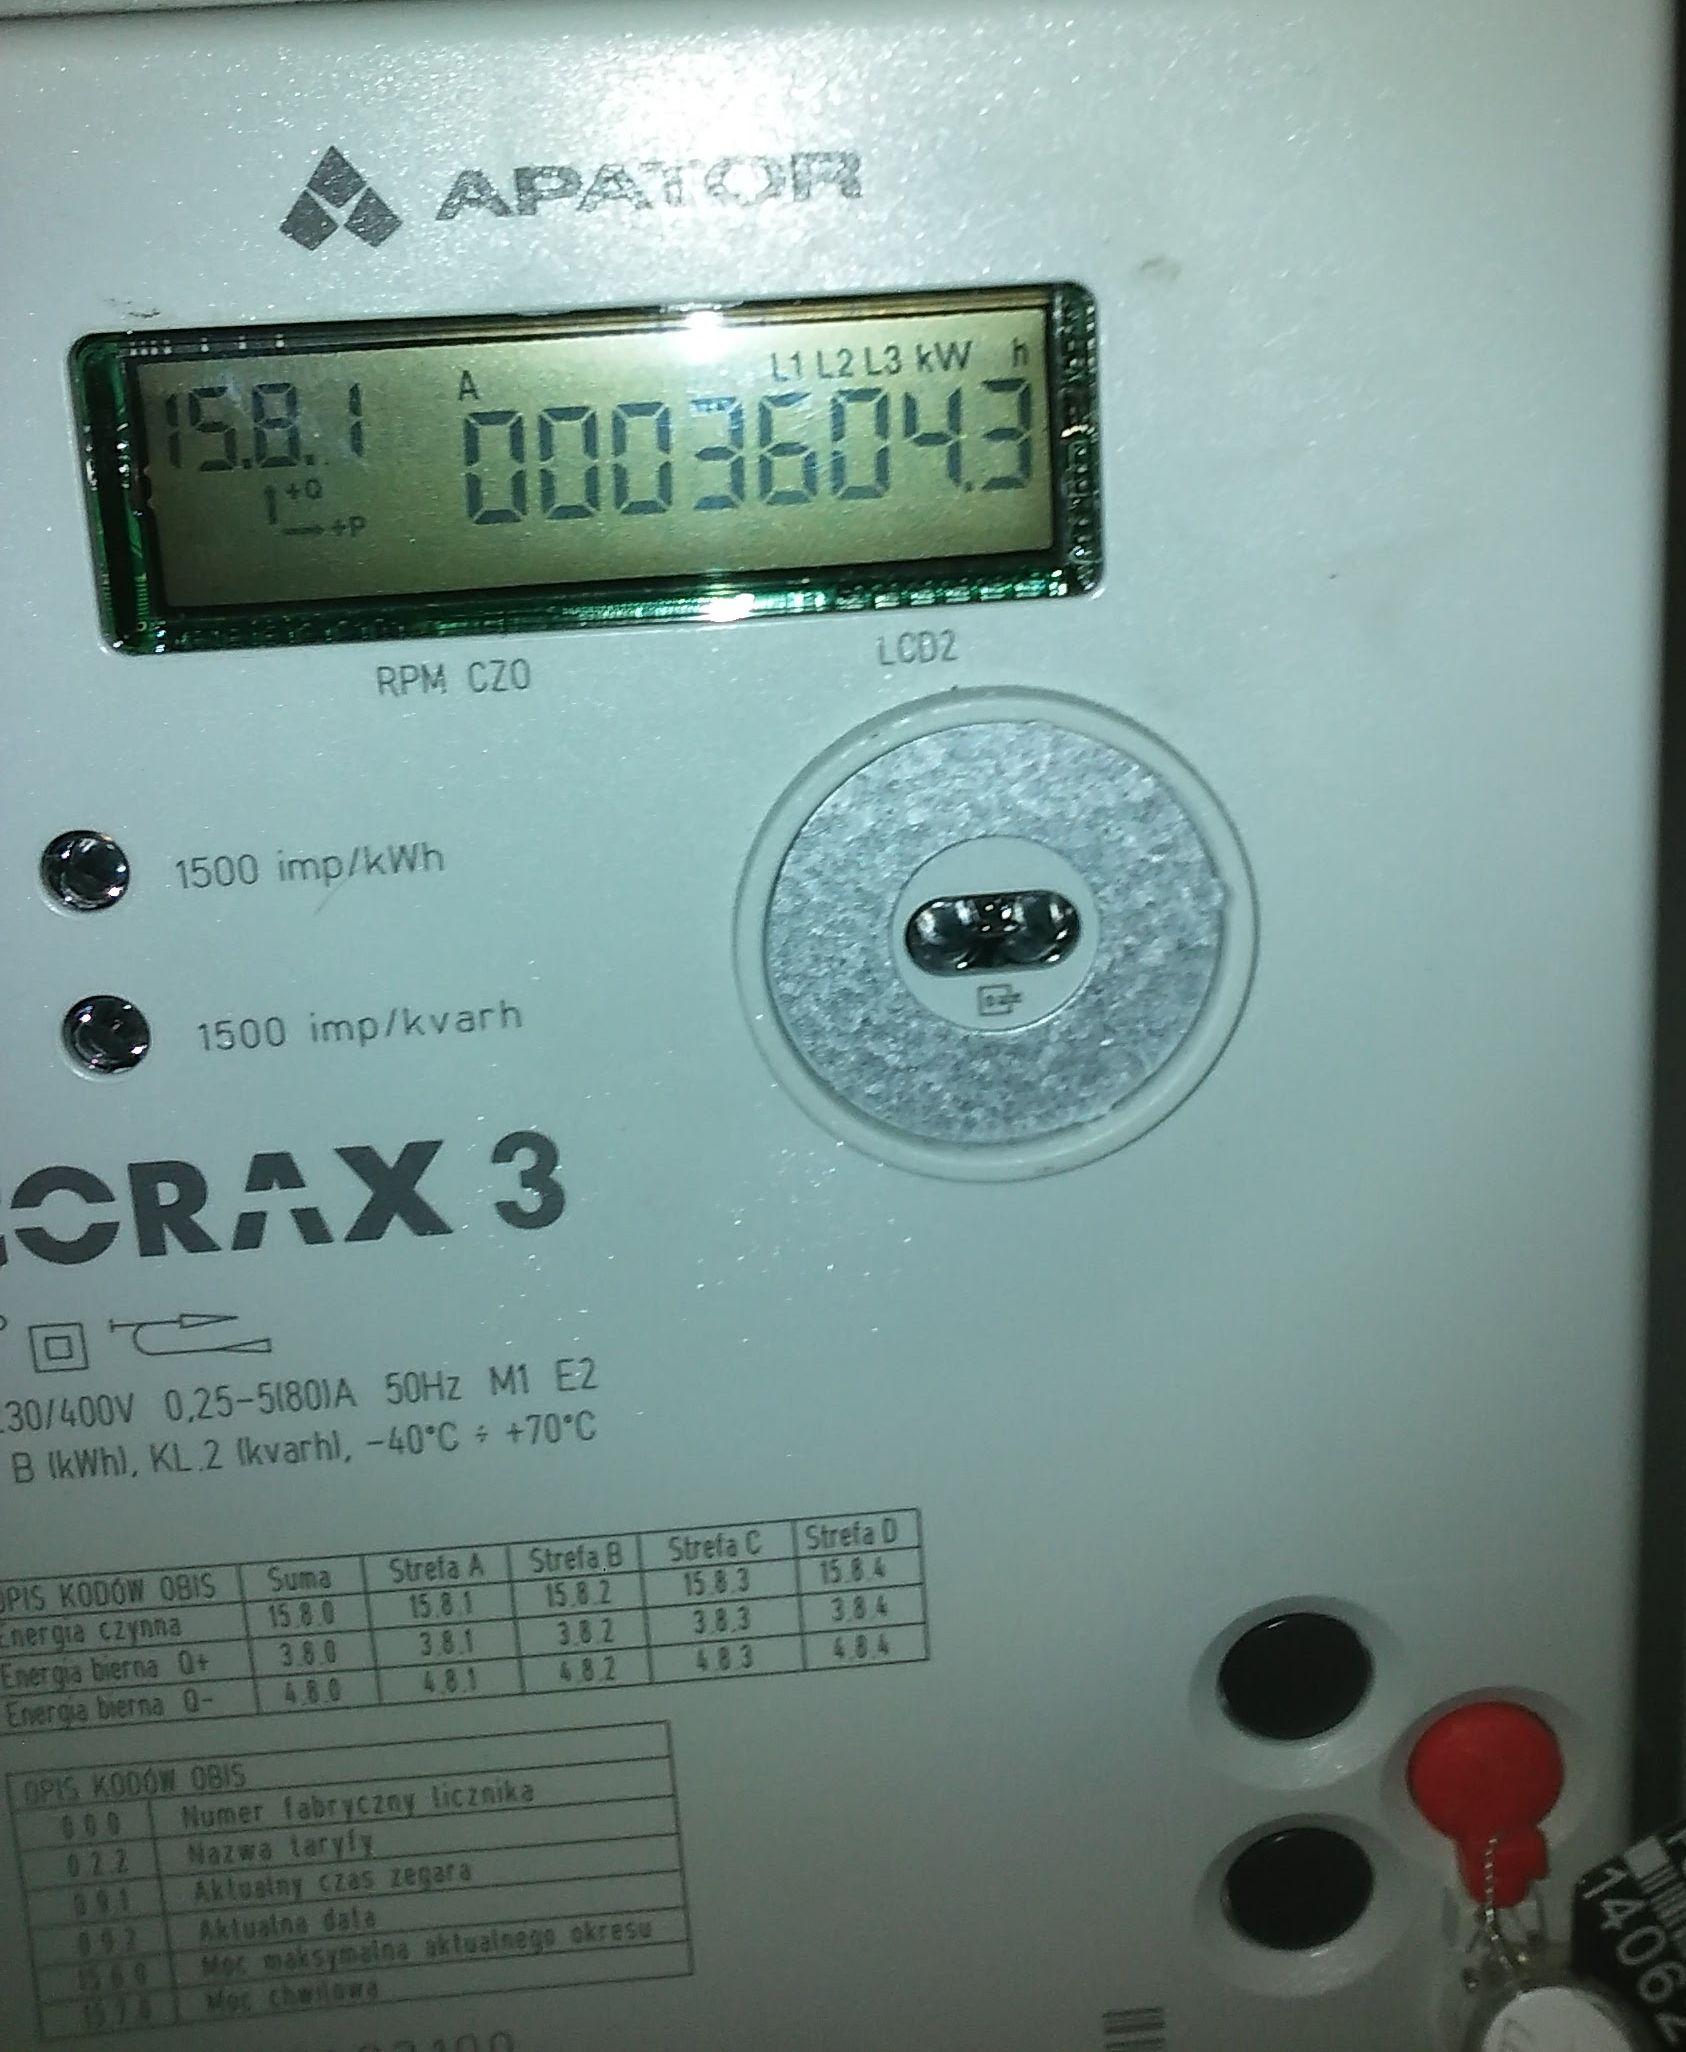 Wszystkie nowe Corax 3 Apator - Wyświetlenie mocy chwilowej na liczniku apator EU79